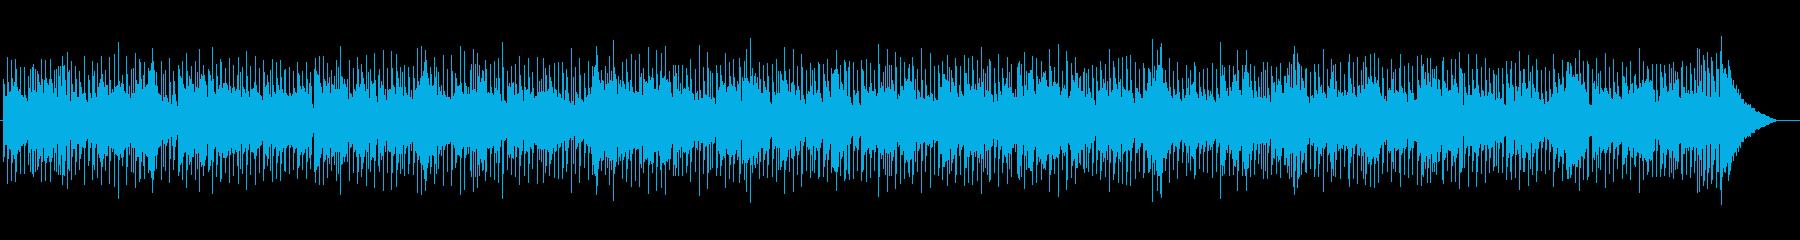 疾走感あふれるポップの再生済みの波形